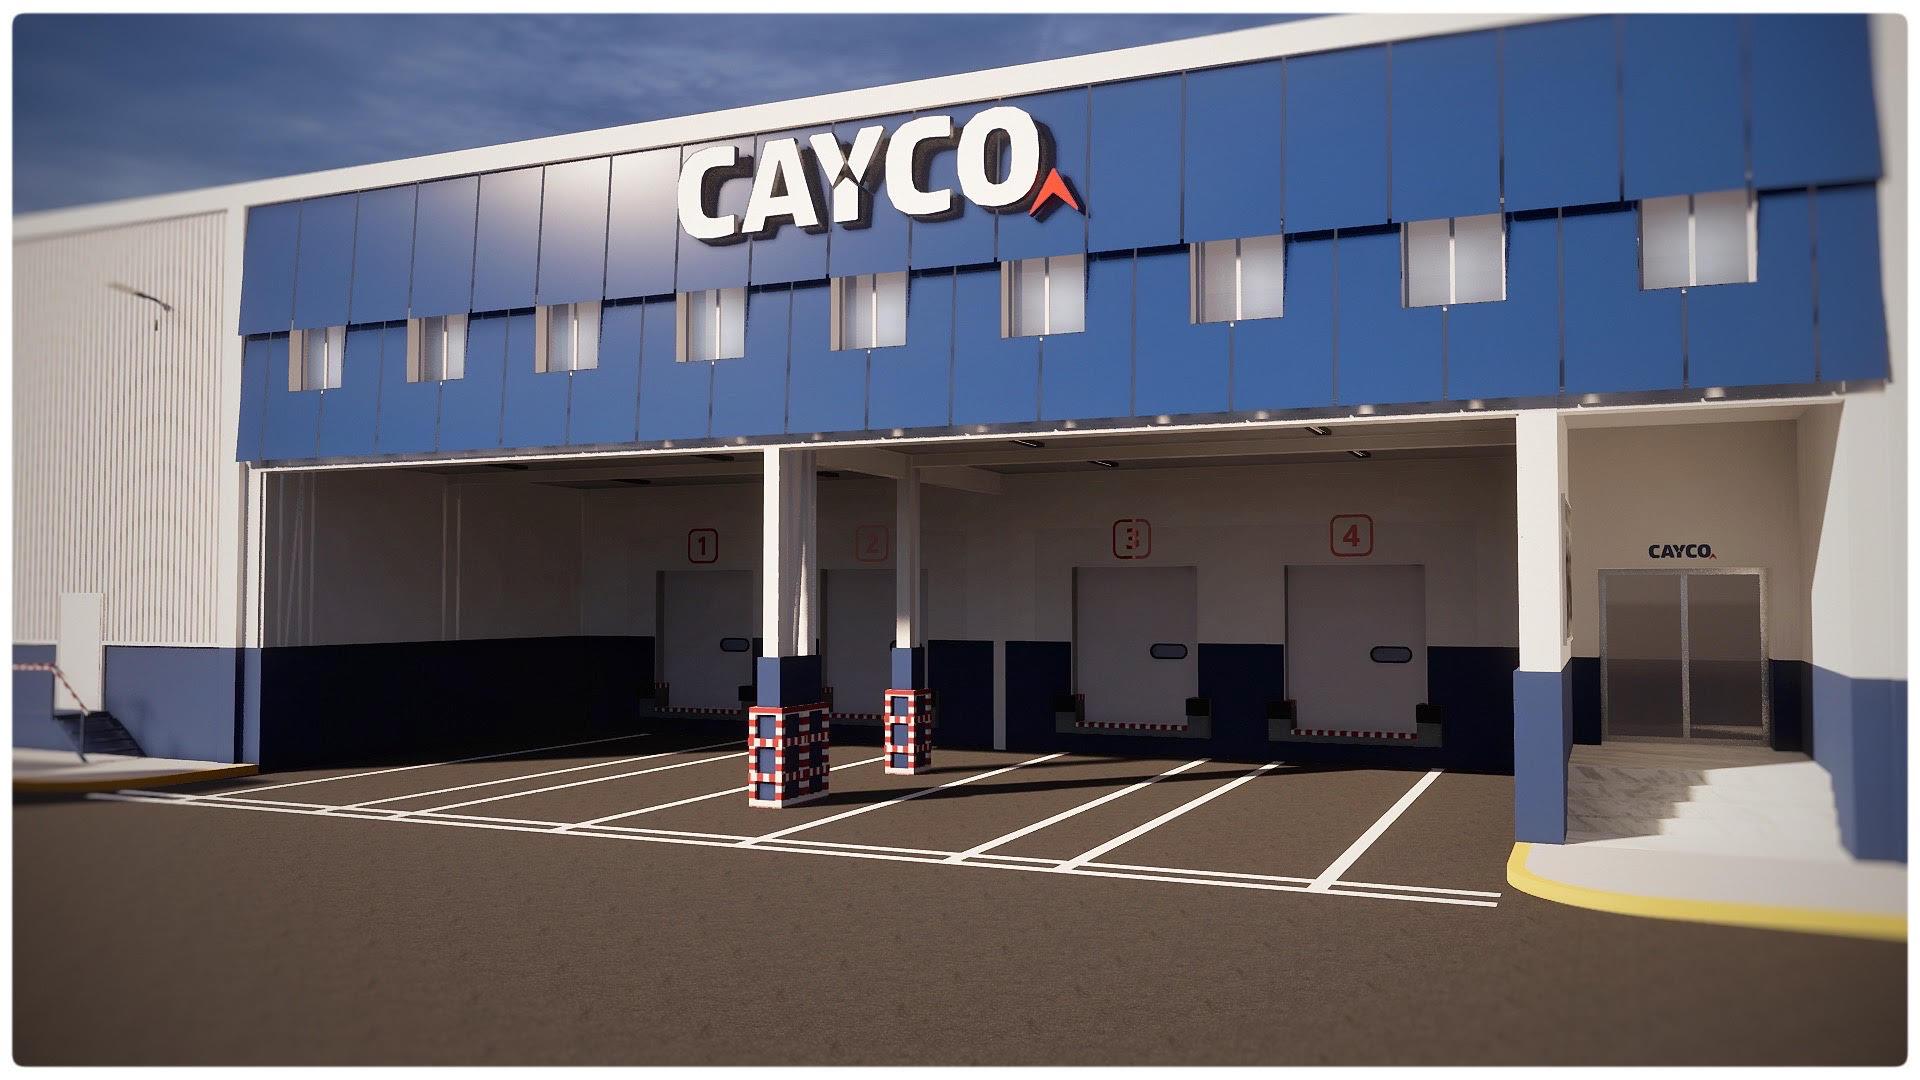 instalaciones-CAYCO-by Beusual